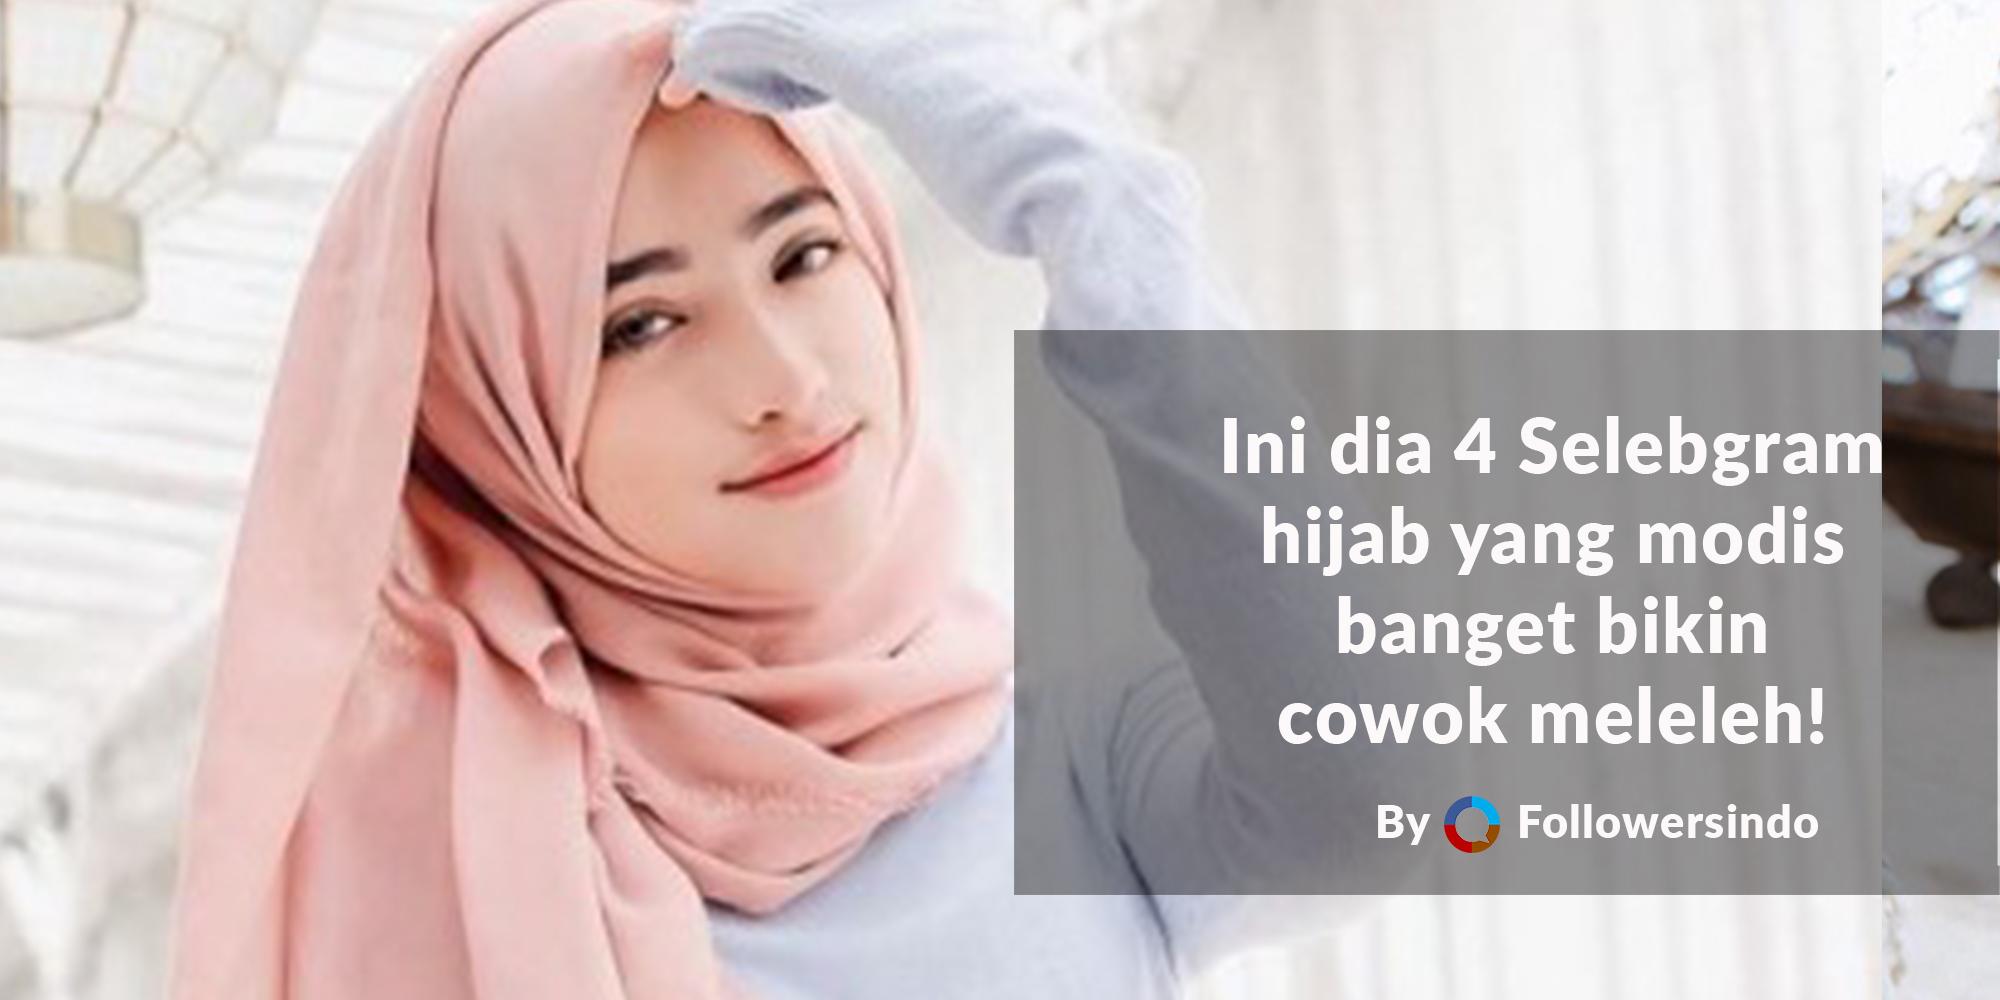 Bikin Cowok Adem! 4 Selebgram Hijabers Super Cantik dan Modis Abis - Followersindo.com